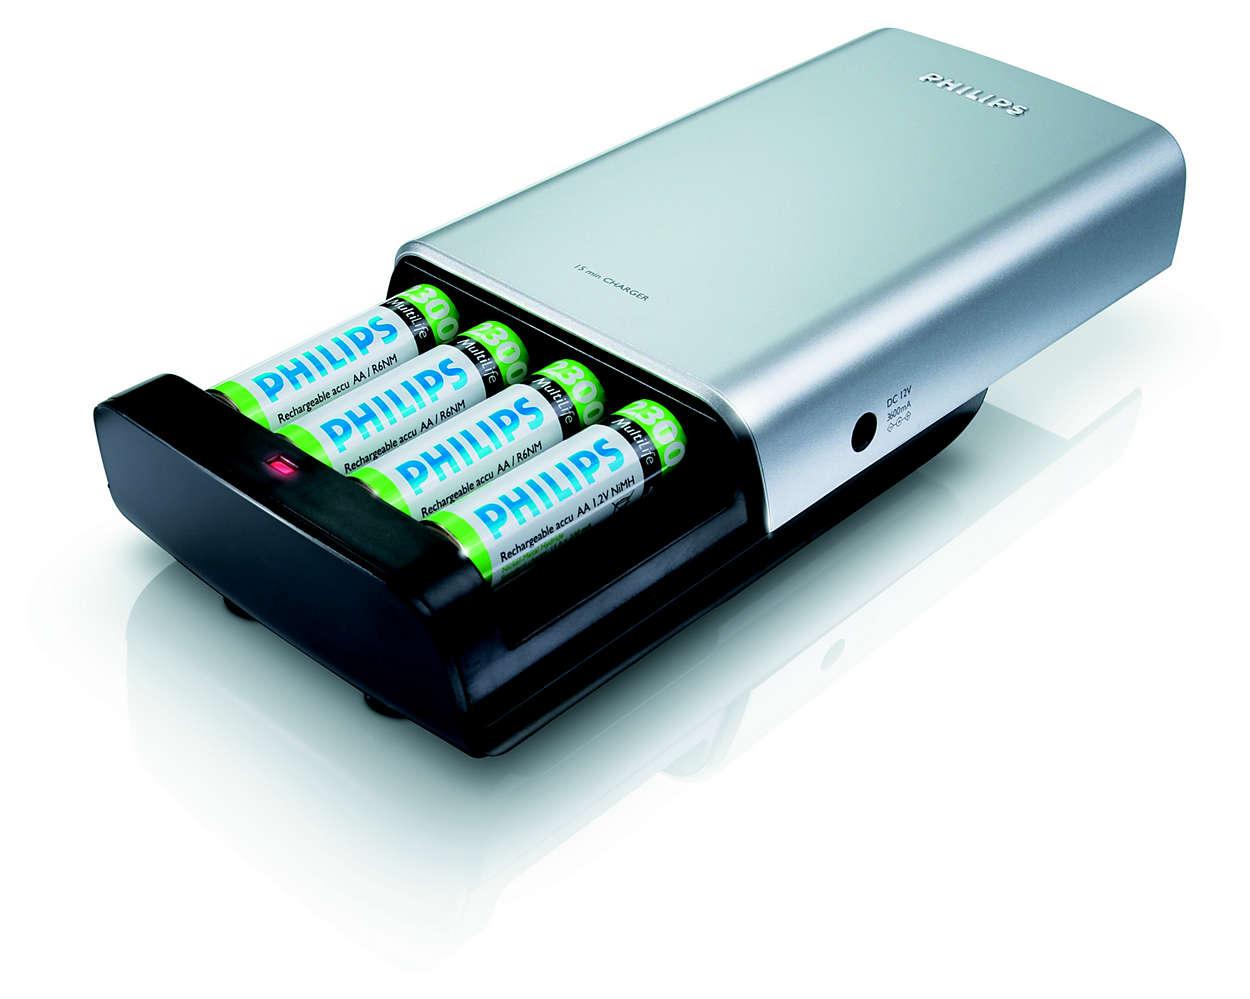 Ricarica completamente 1 o 2 batterie in 12 minuti